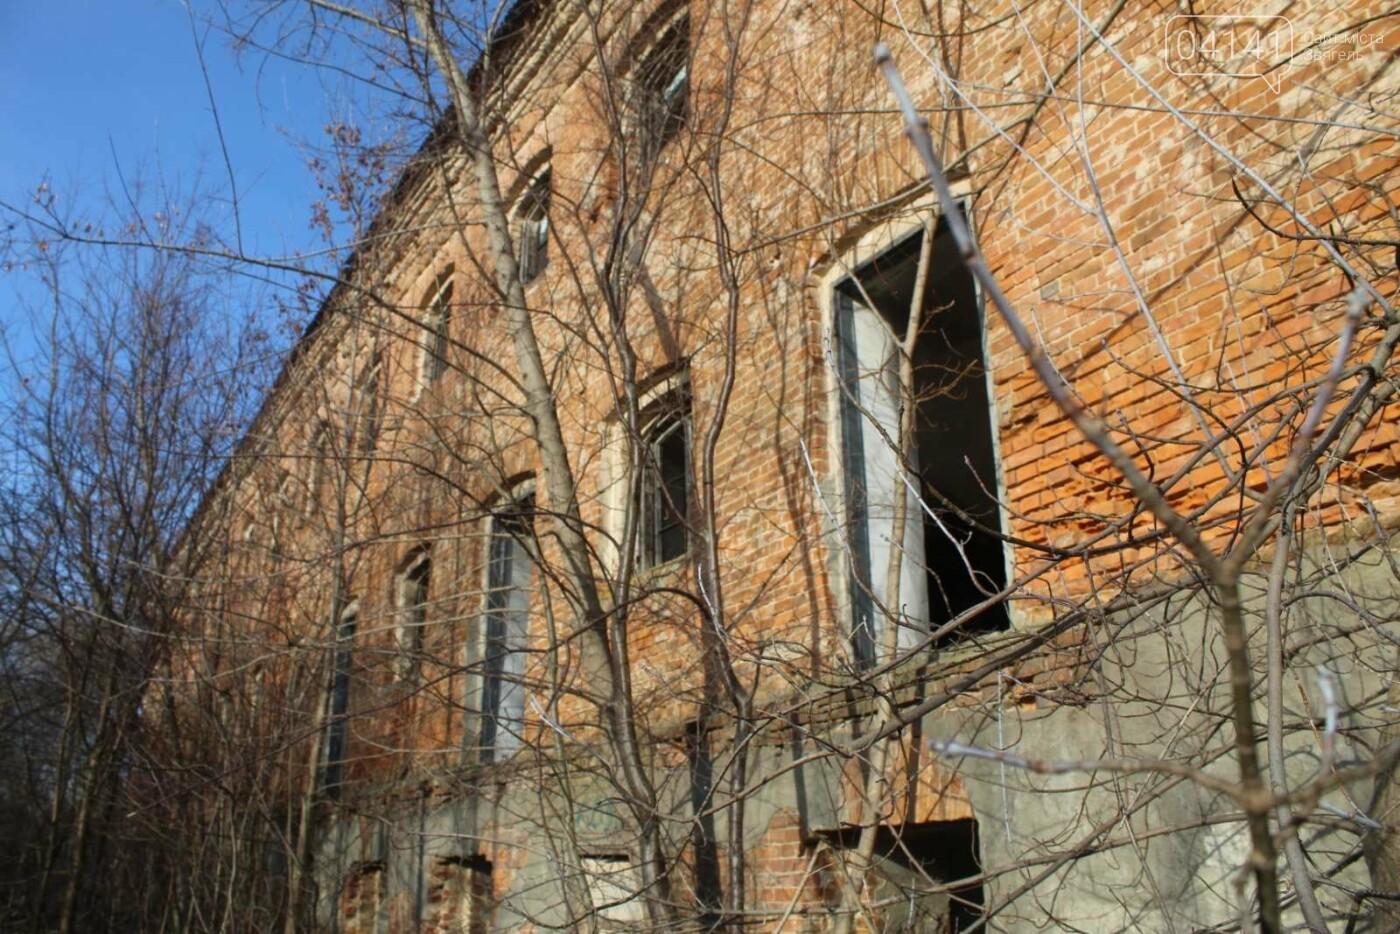 Вітер гуляє: Як сьогодні виглядає найстаріша будівля Новограда-Волинського (ФОТОРЕПОРТАЖ), фото-1